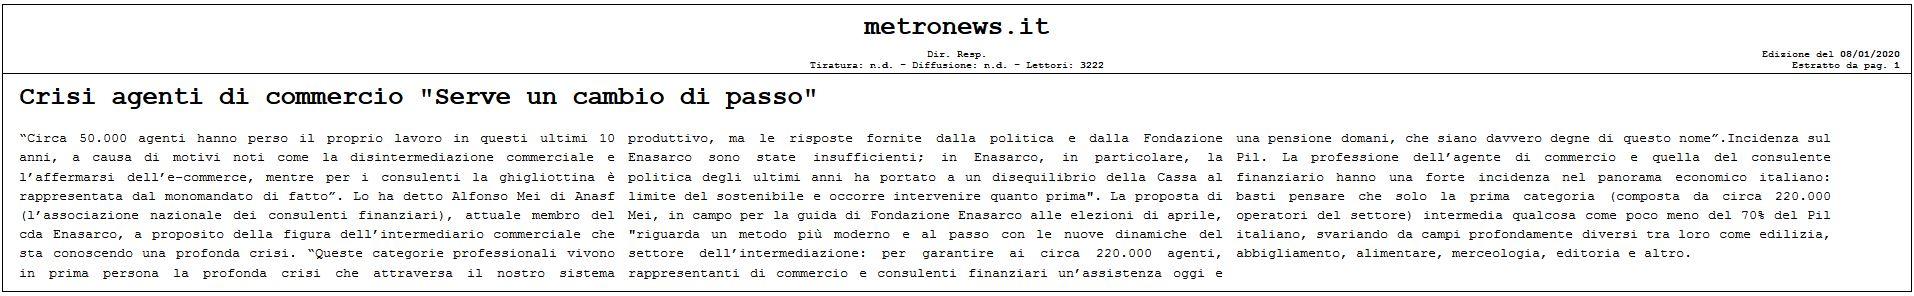 CRISI AGENTI DI COMMERCIO...